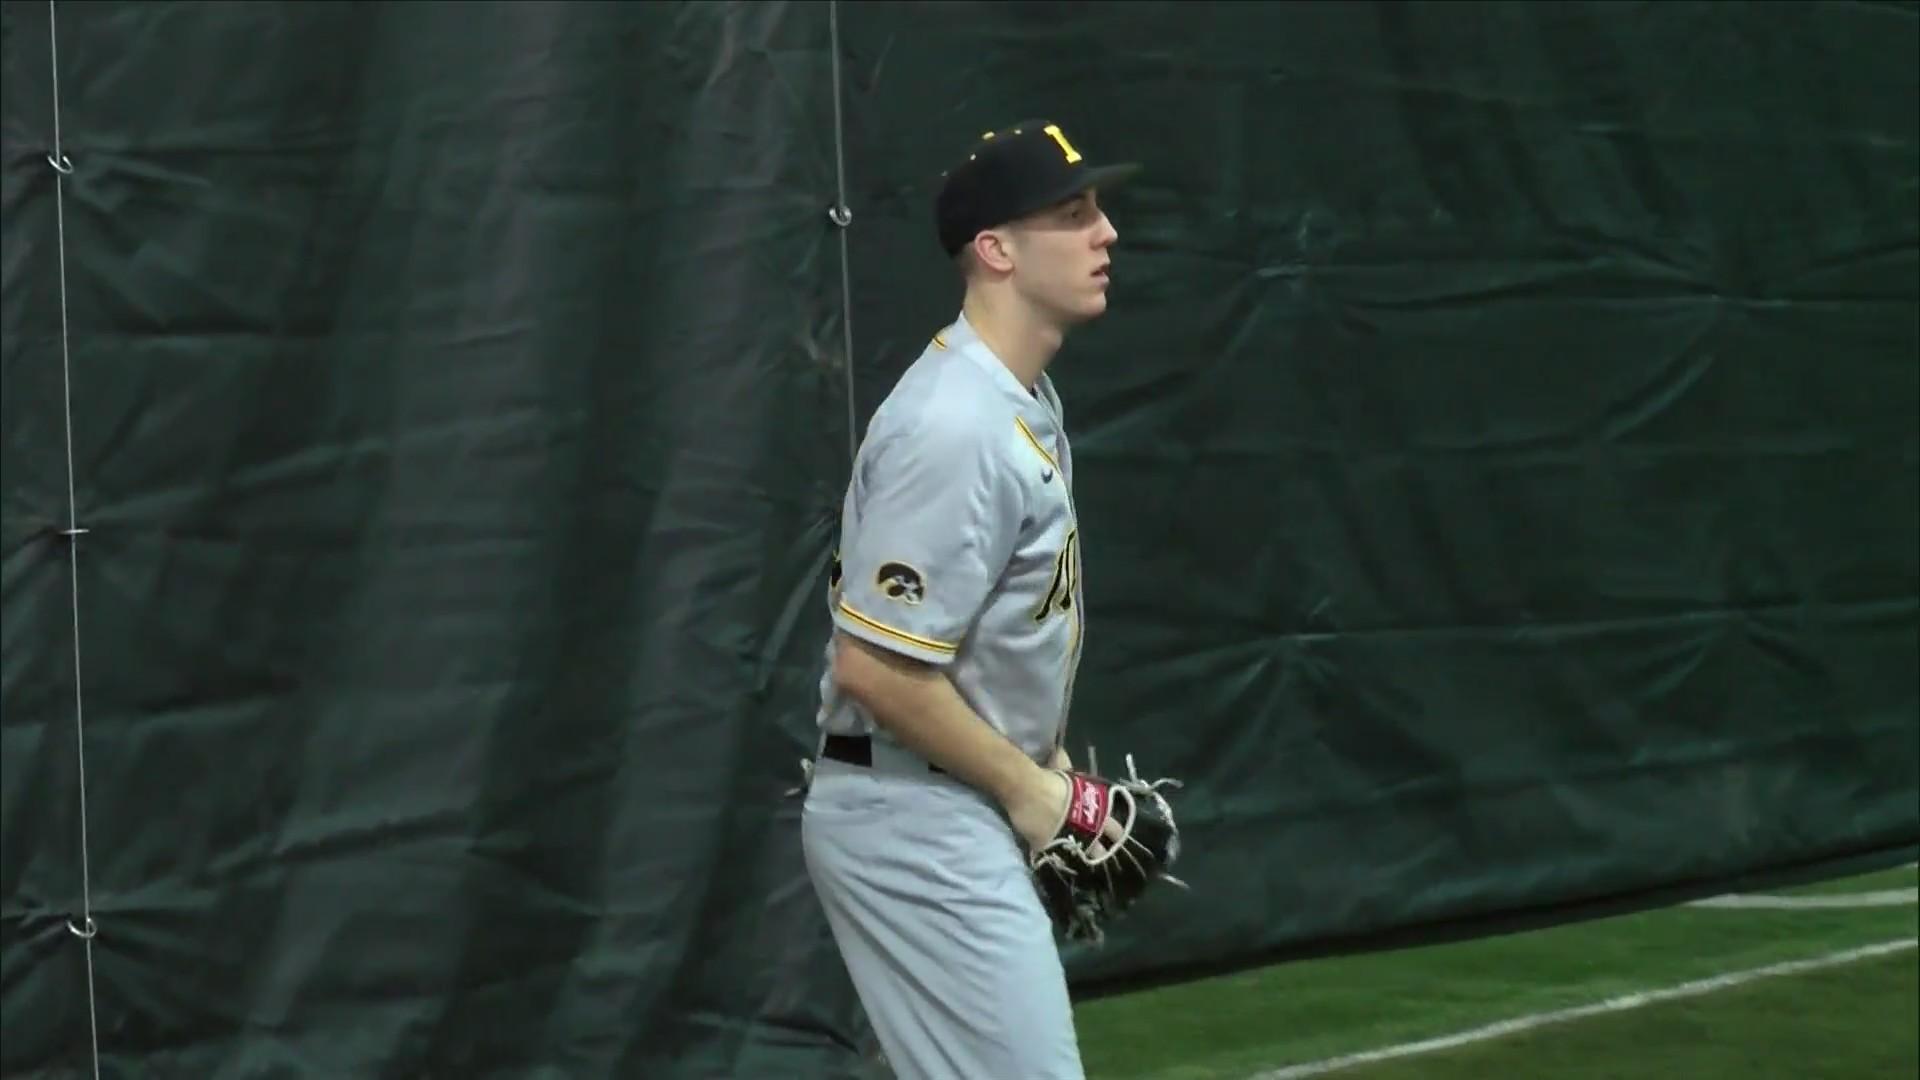 Connor McCaffery 2 sport star with Iowa.